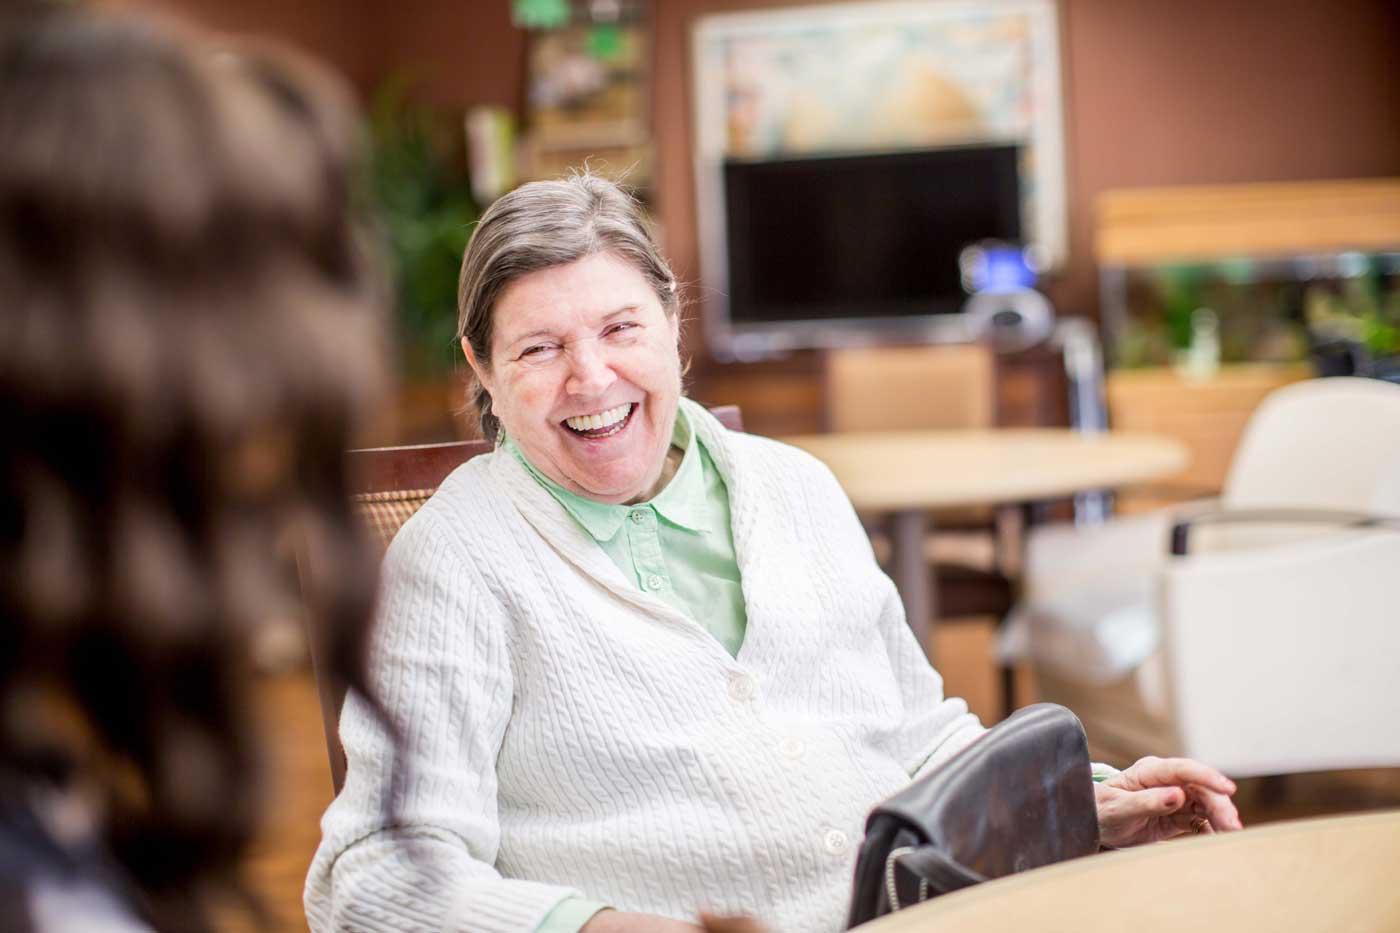 Grand Oaks resident testimonials 1